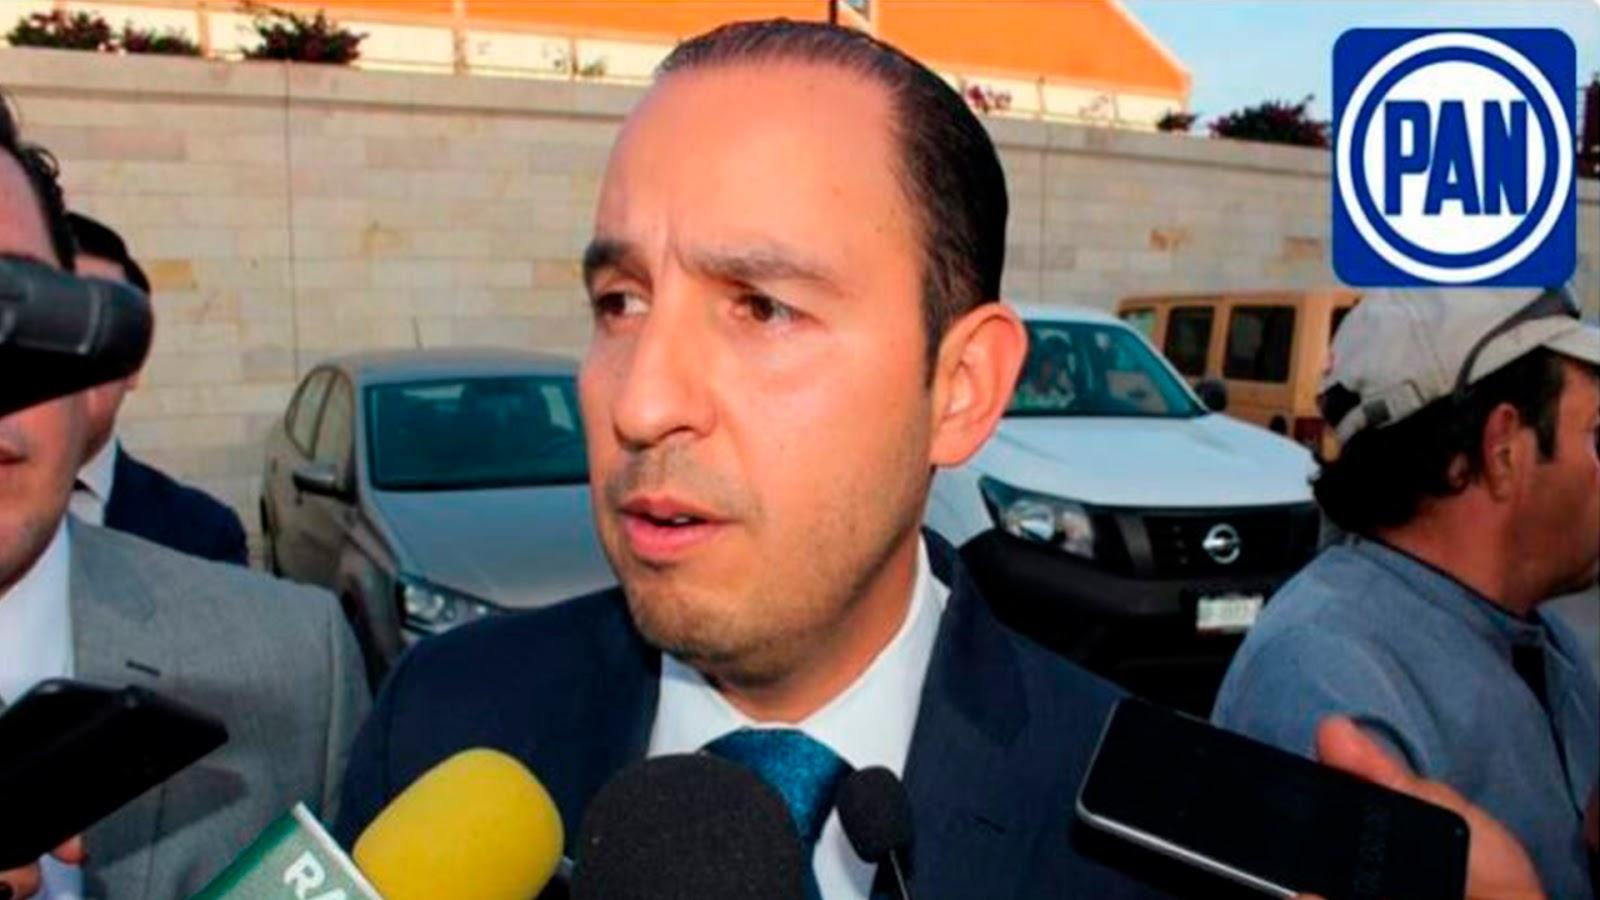 El PAN advierte: Daremos batalla hasta el final; insisten que México contraiga deuda